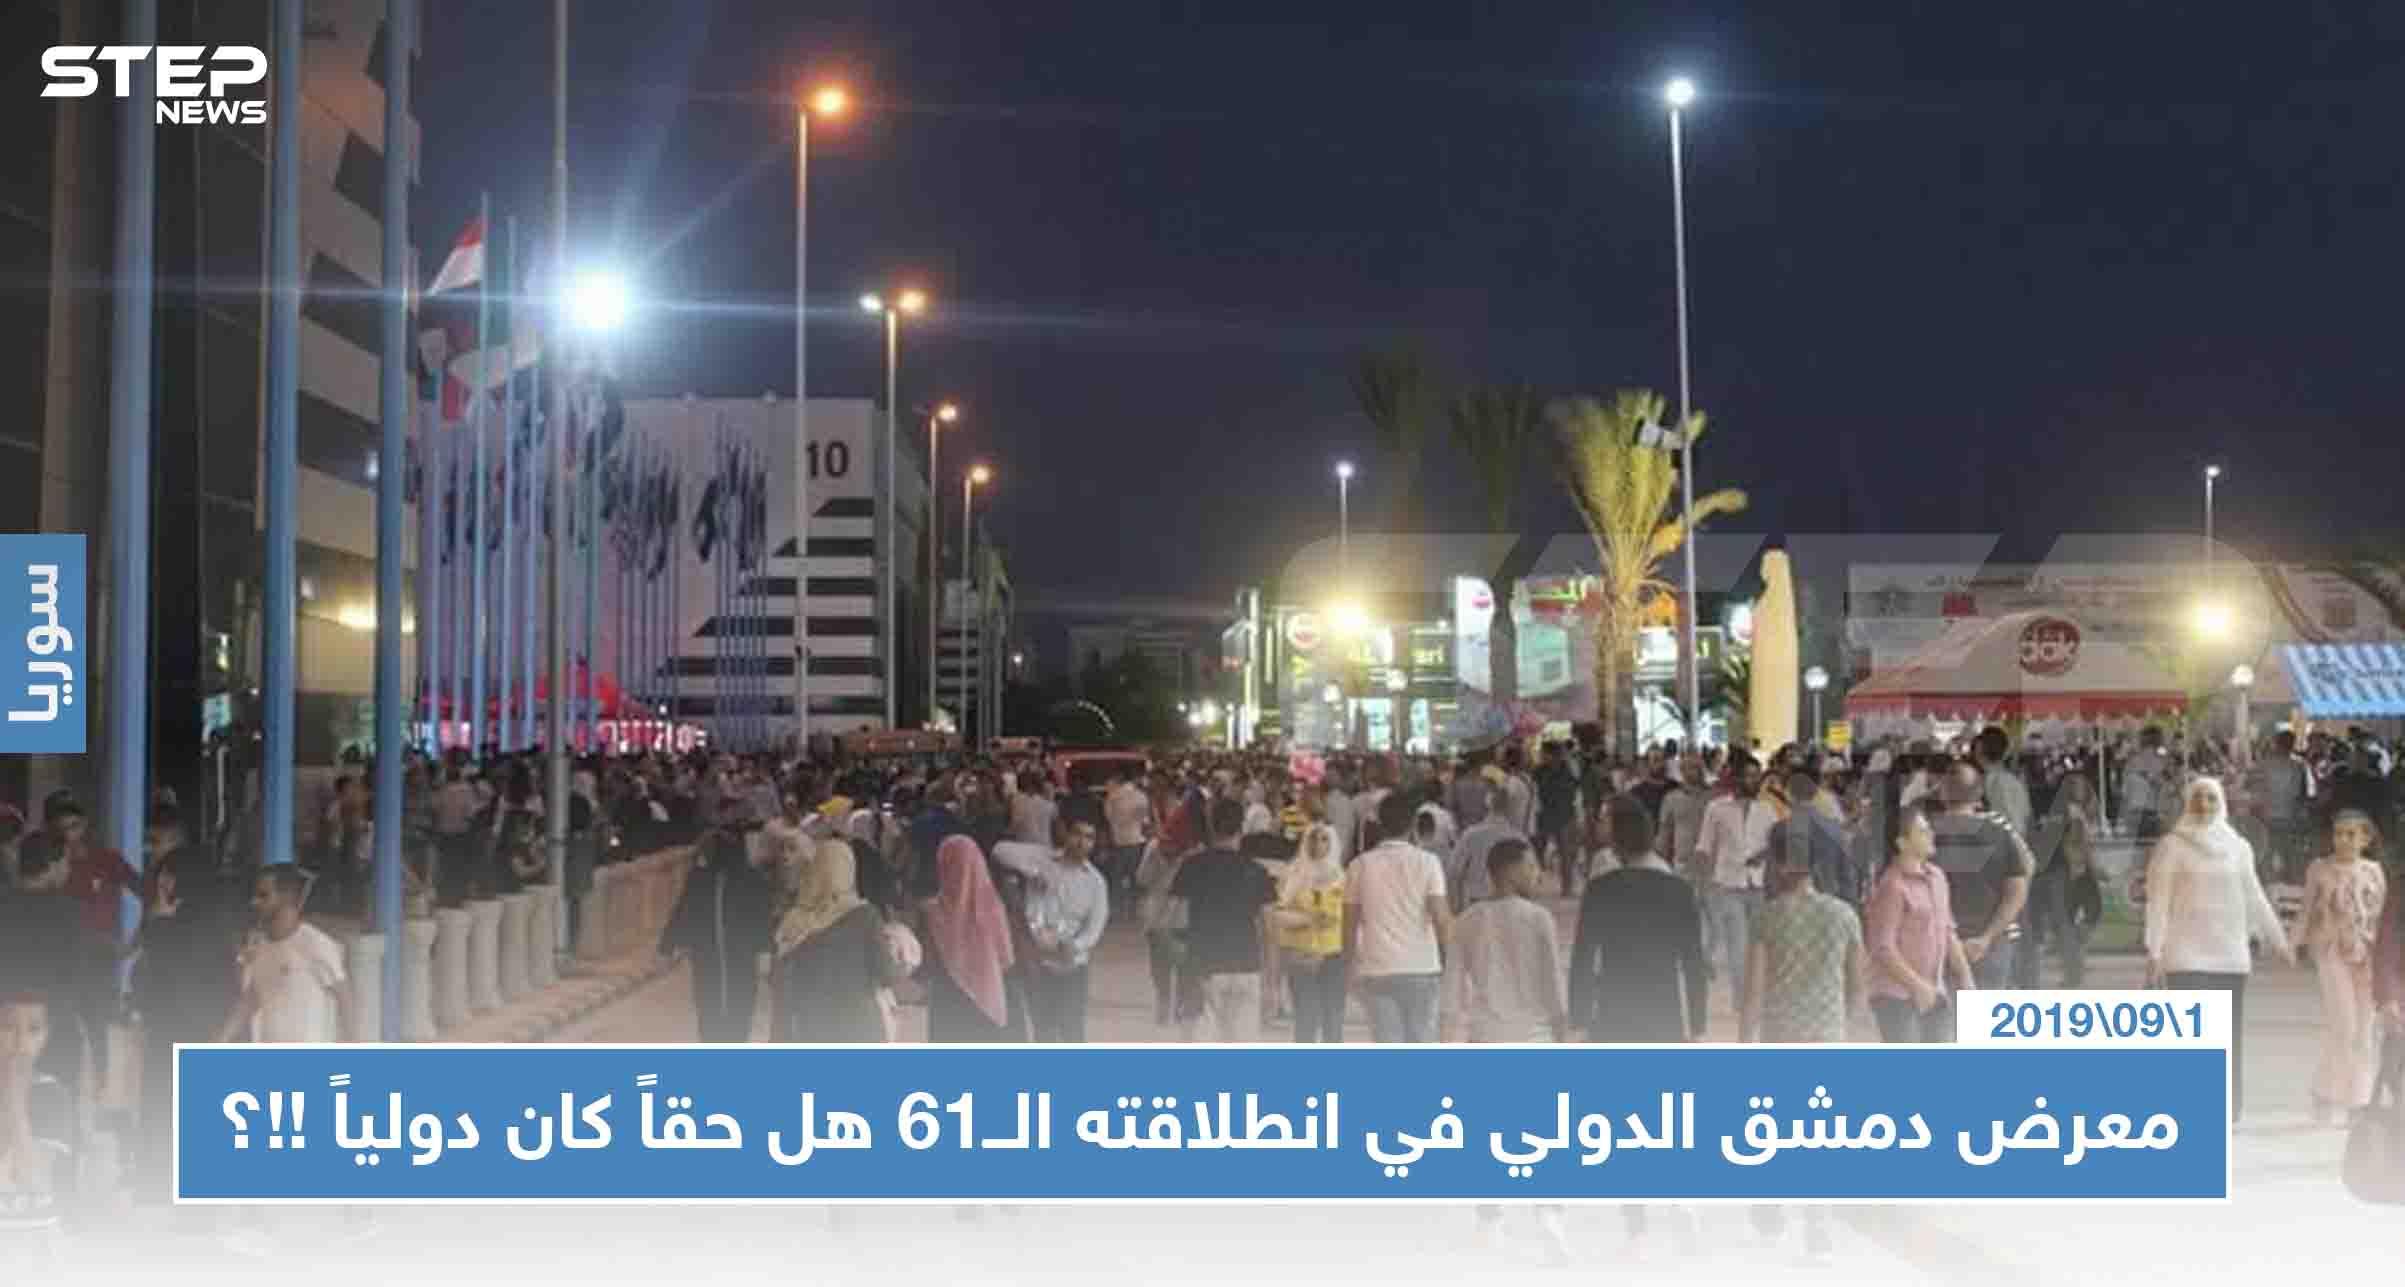 معرض دمشق الدولي في انطلاقته الــ61 هل حقاً كان دولياً !!؟